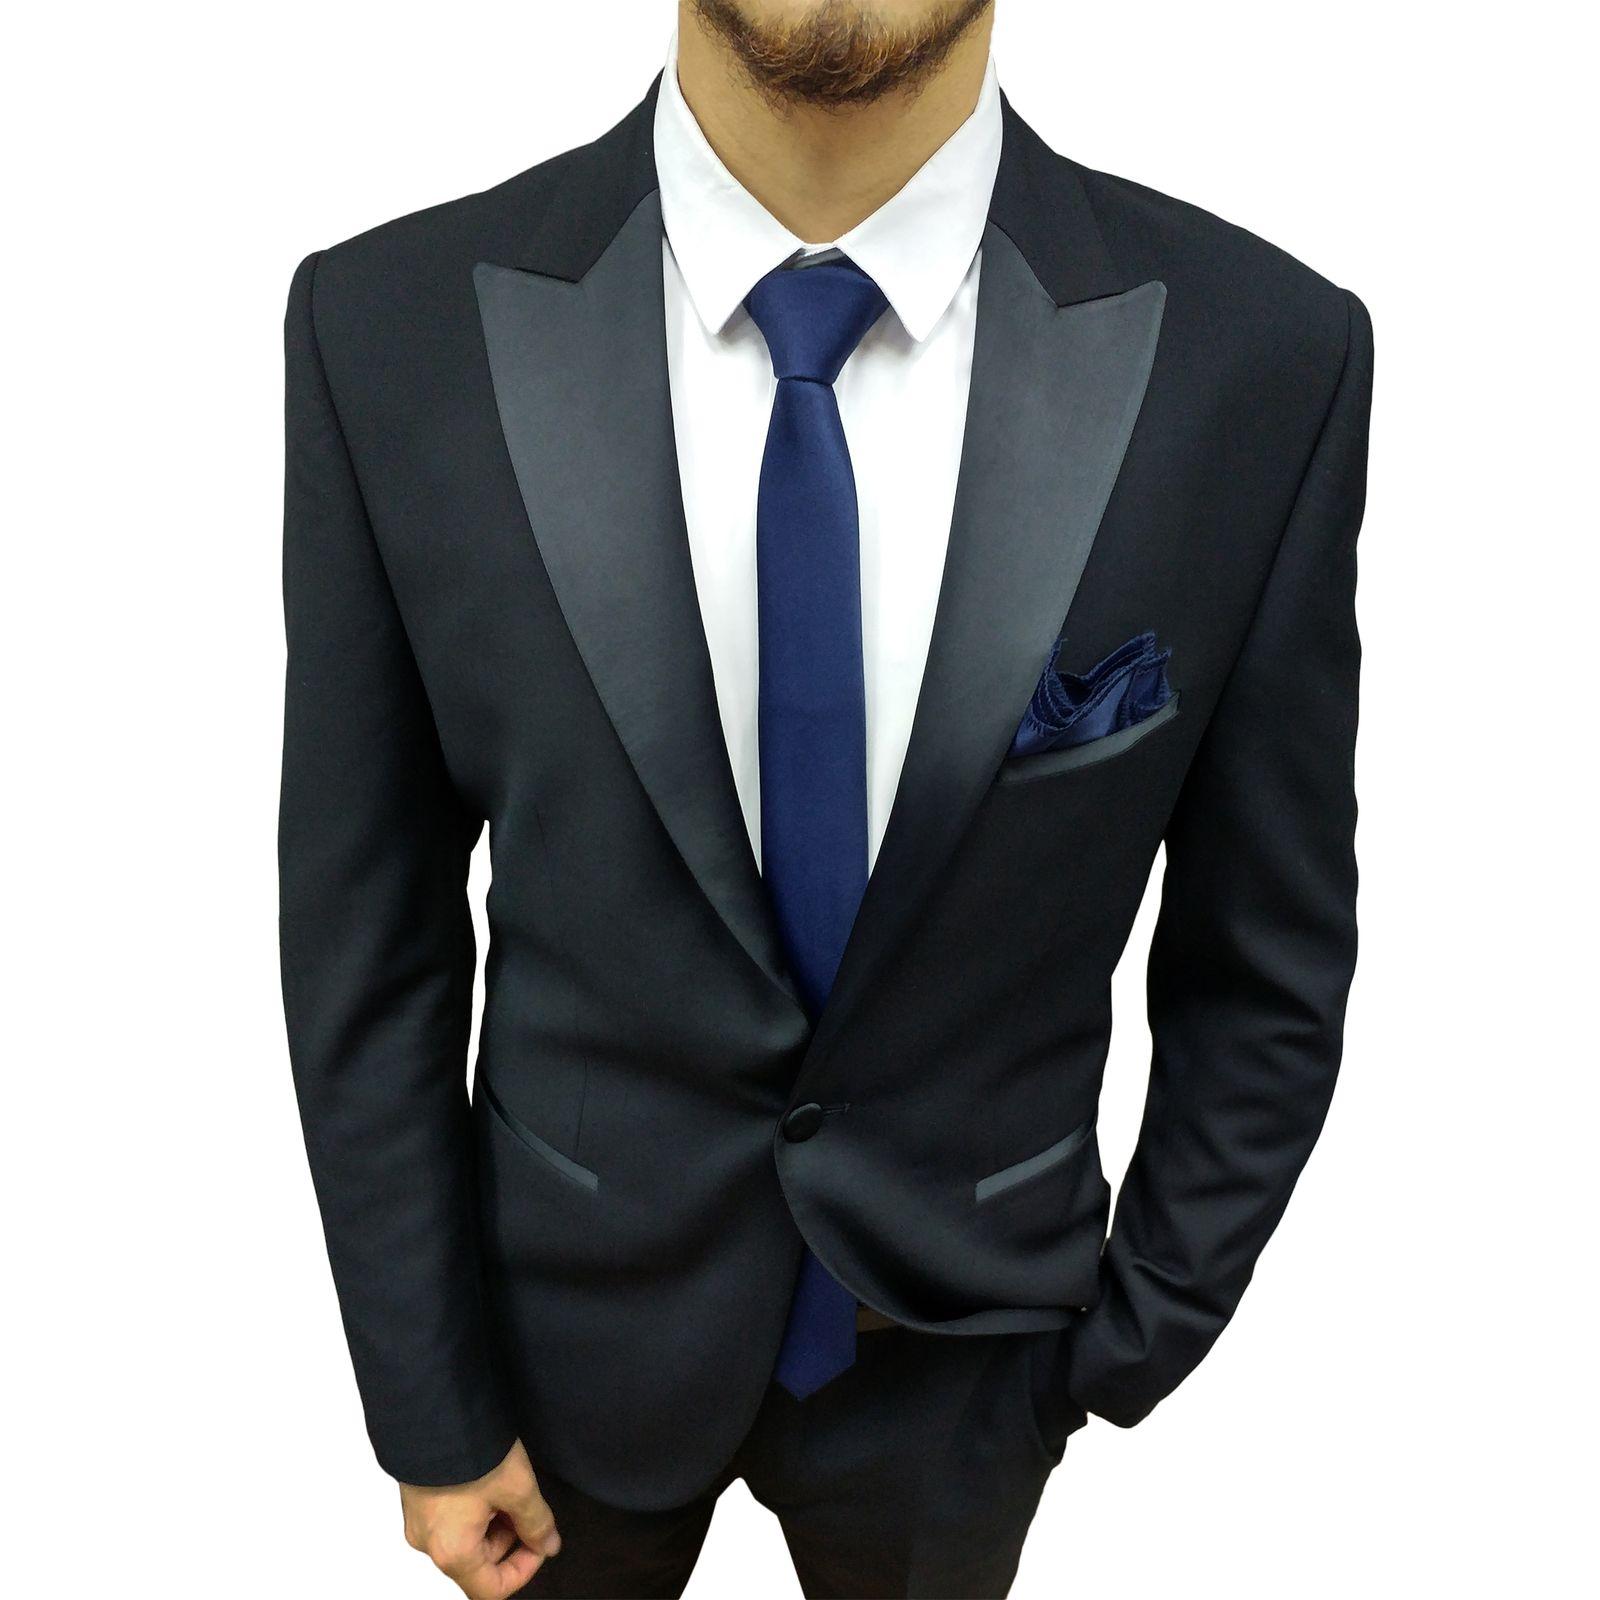 ست کراوات و پاپیون و دستمال جیب مردانه کد S -  - 3